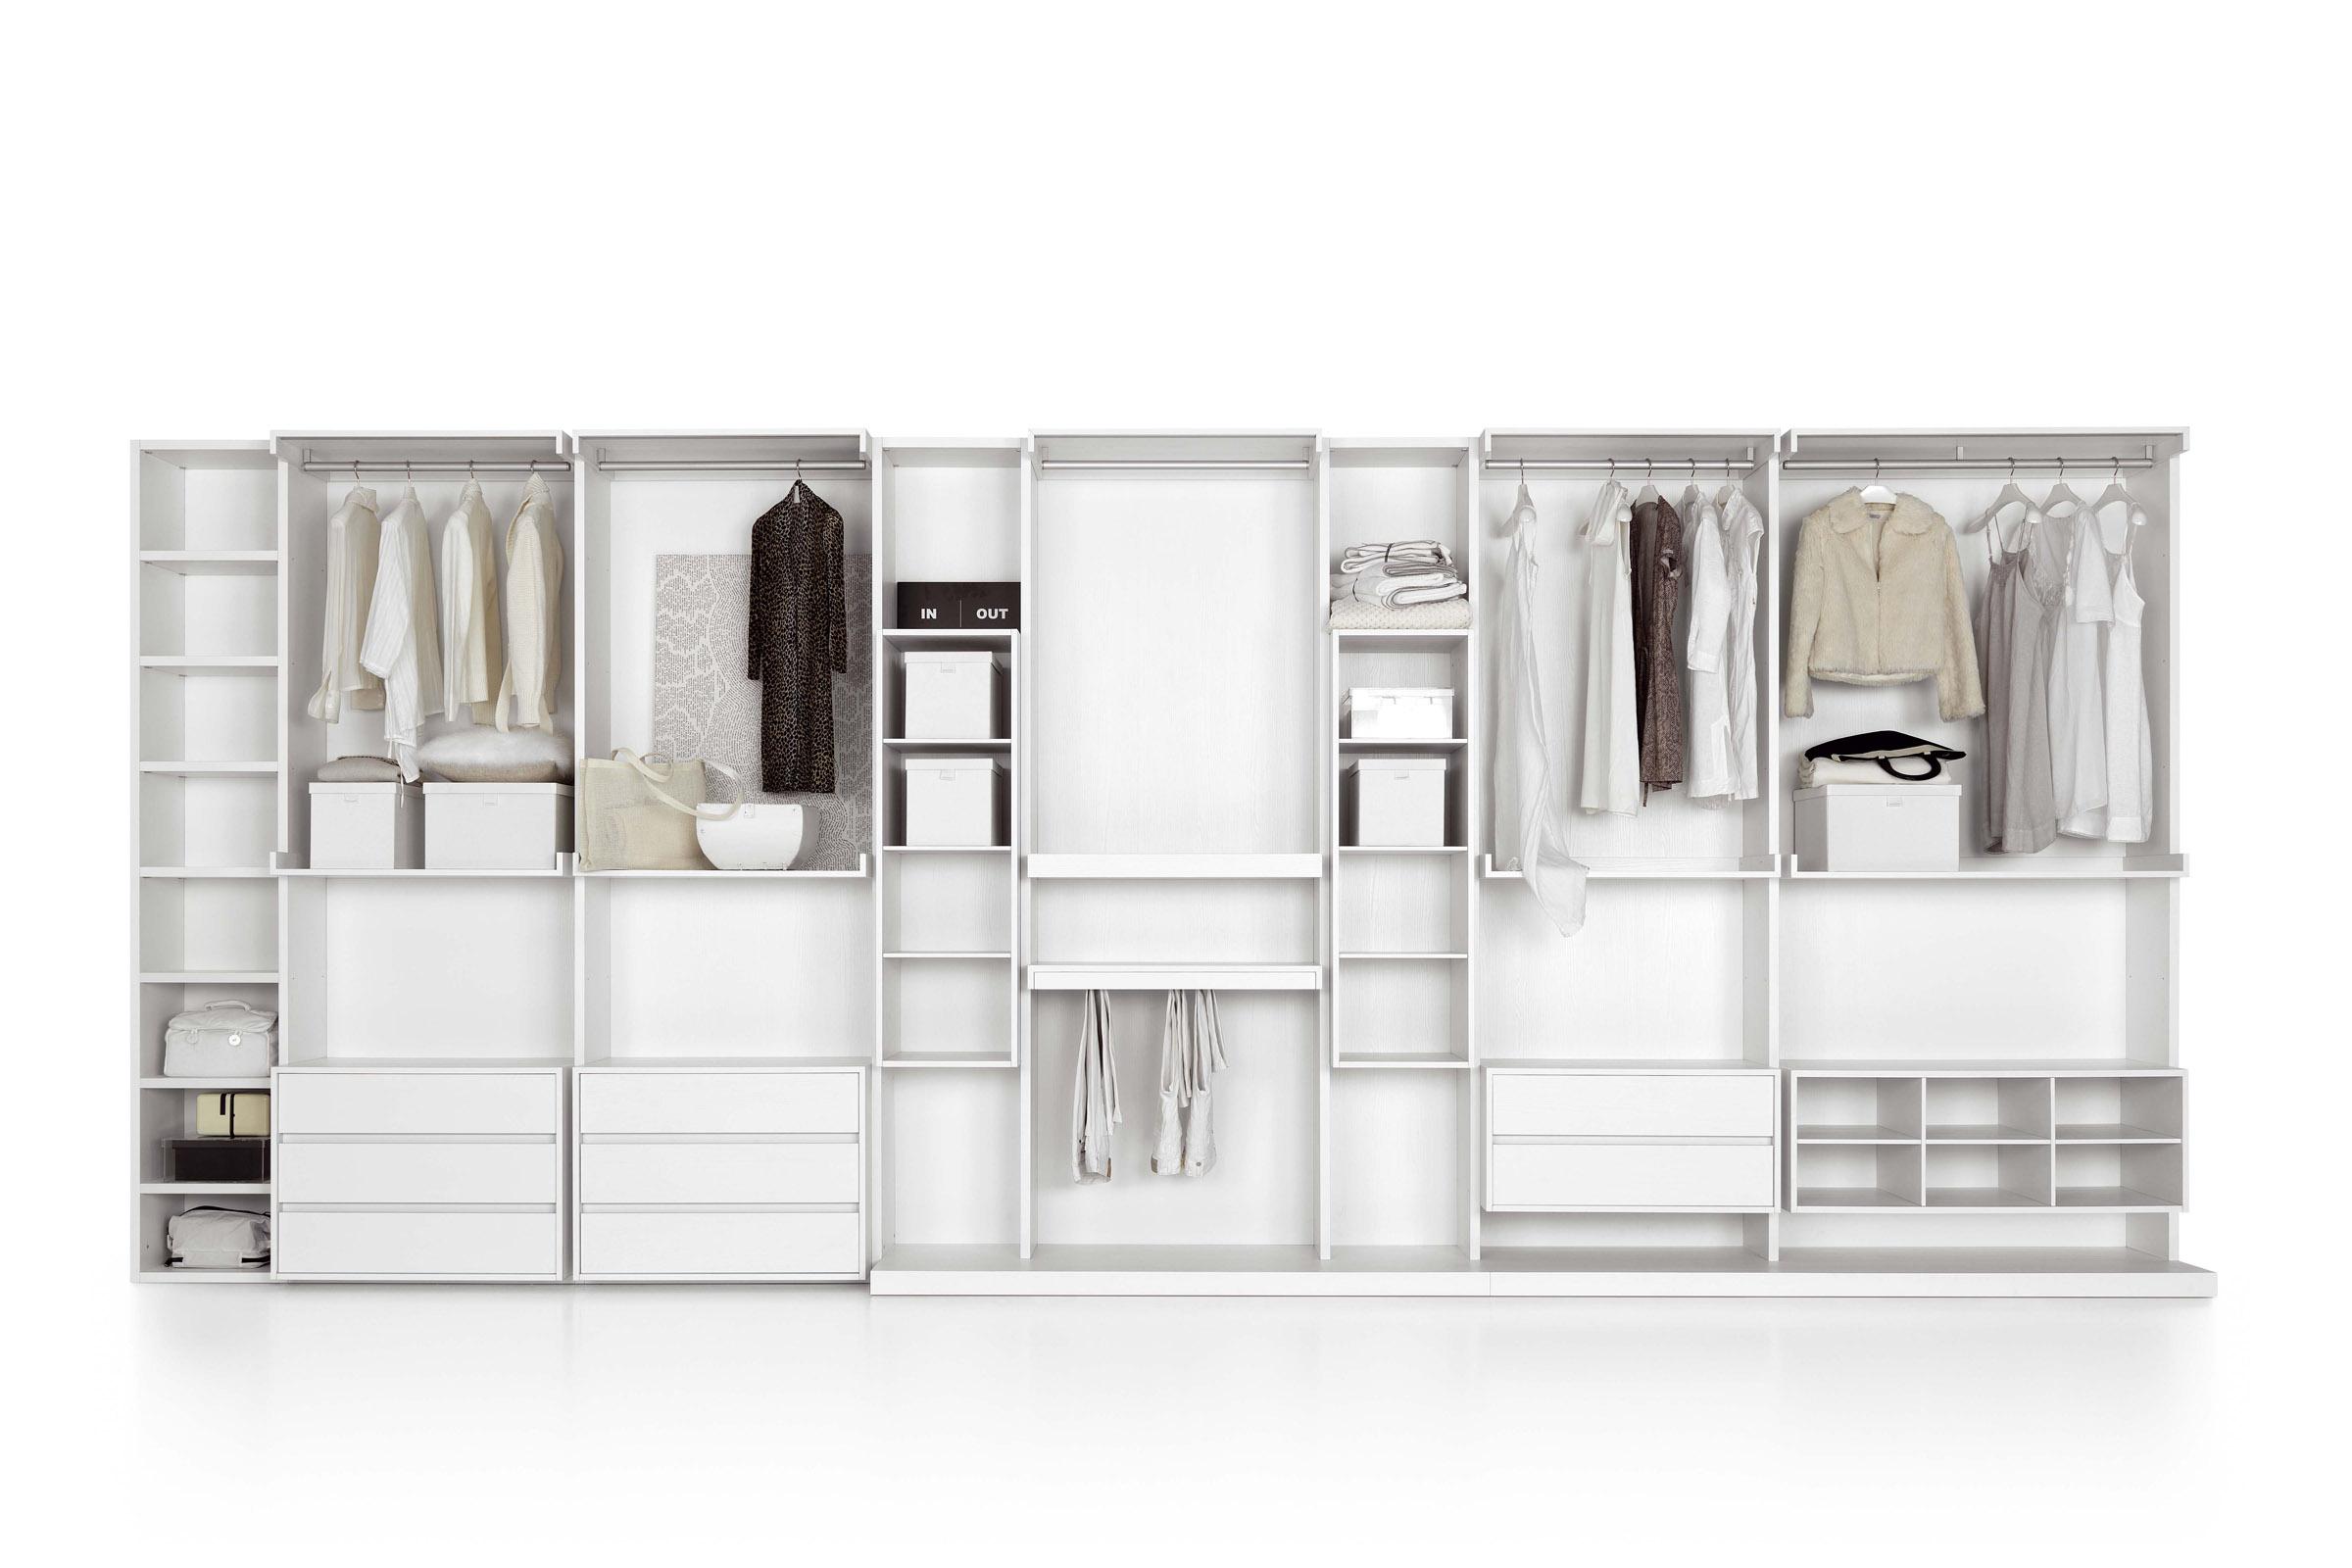 Misure cabine armadio 28 images dimensioni della cabina armadio architettura a domicilio 174 - Misure cabine armadio ...